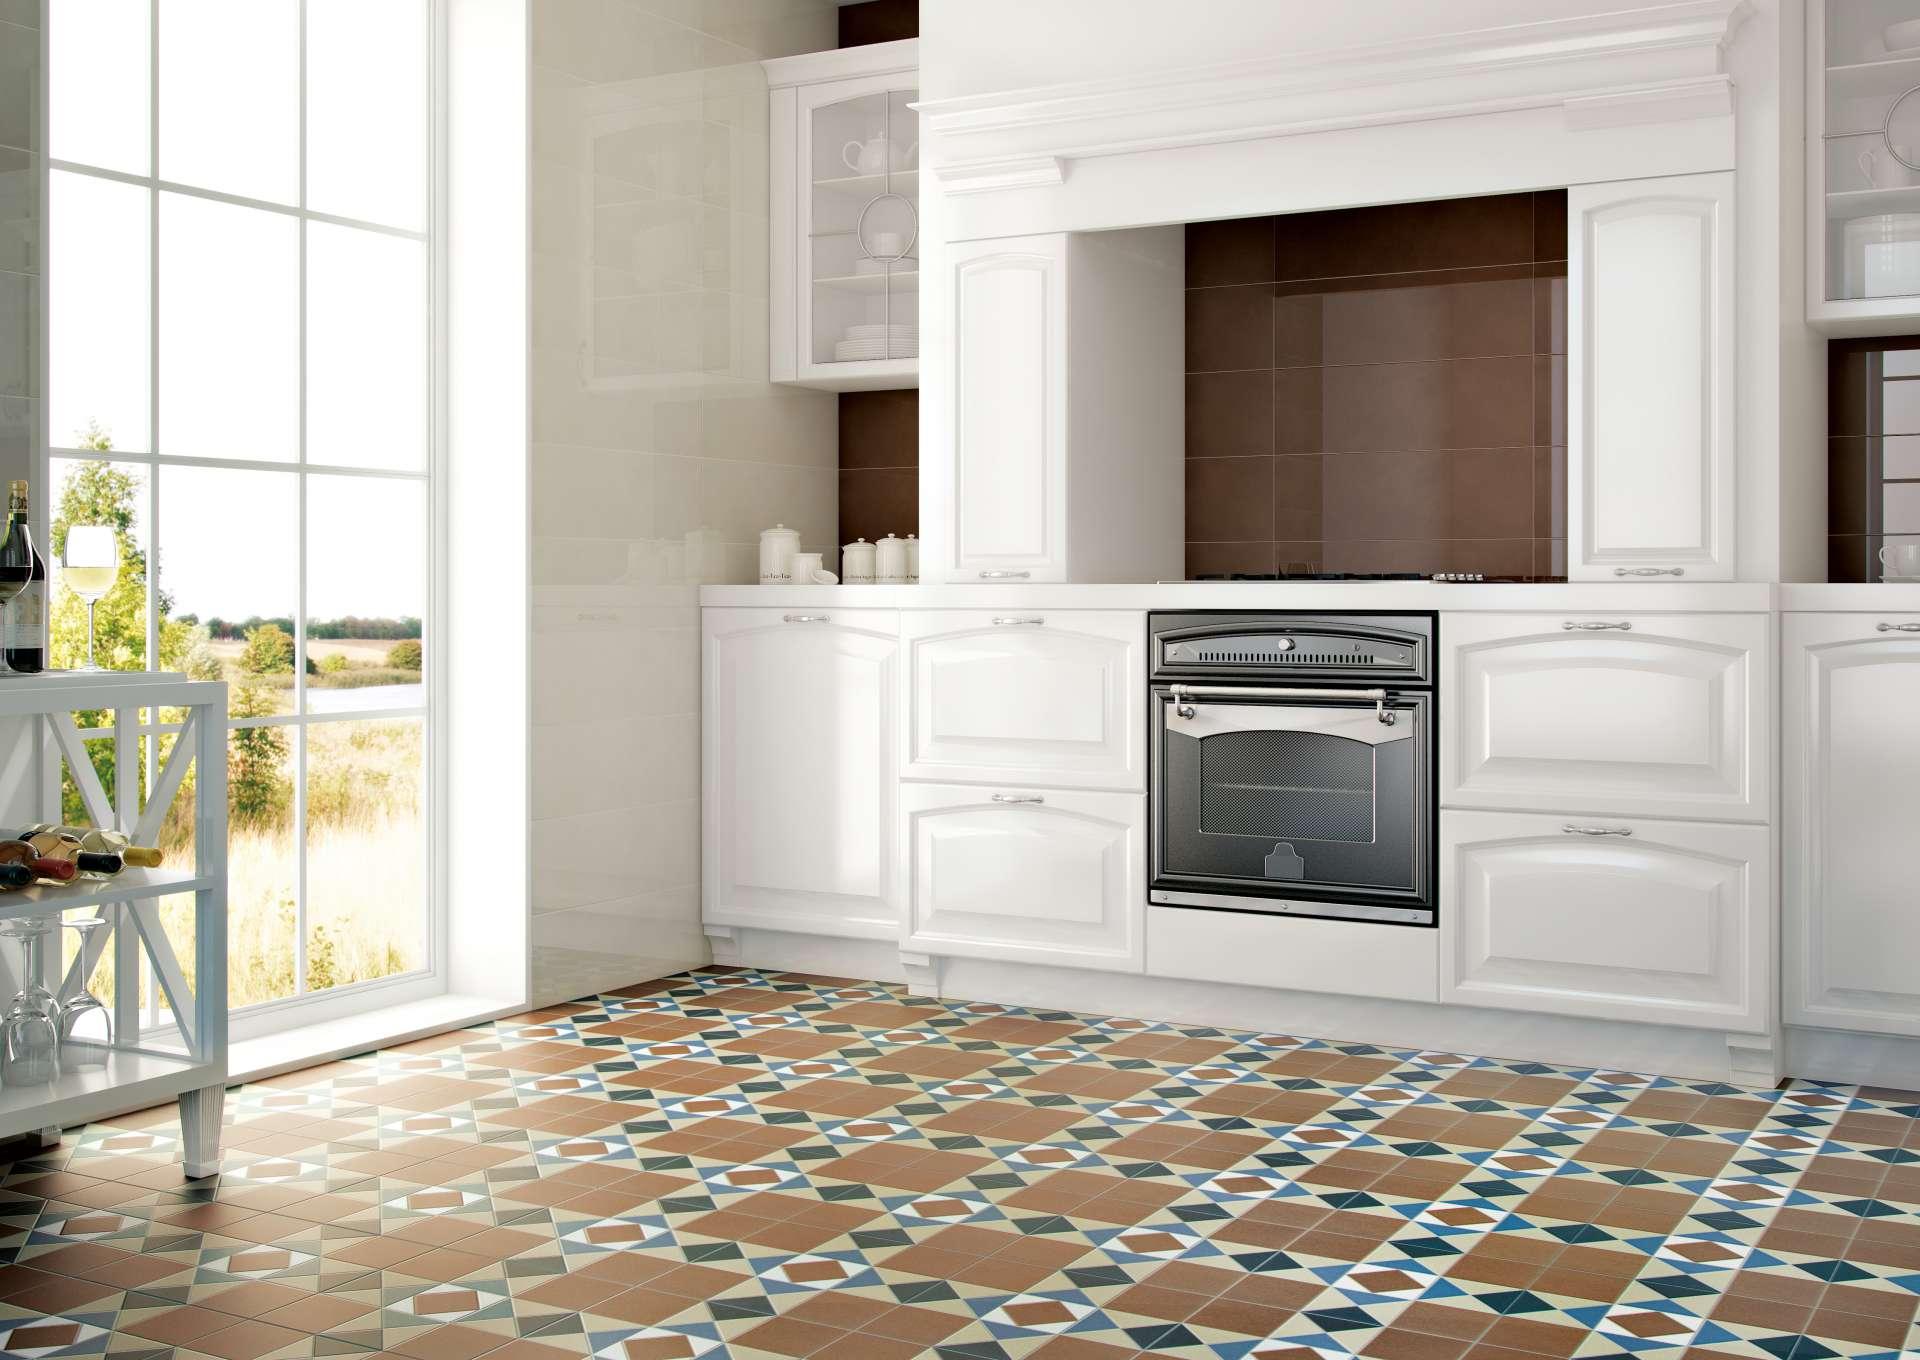 klinker peronda hv 3 33x33 fliser klinker mosaik v gfliser. Black Bedroom Furniture Sets. Home Design Ideas